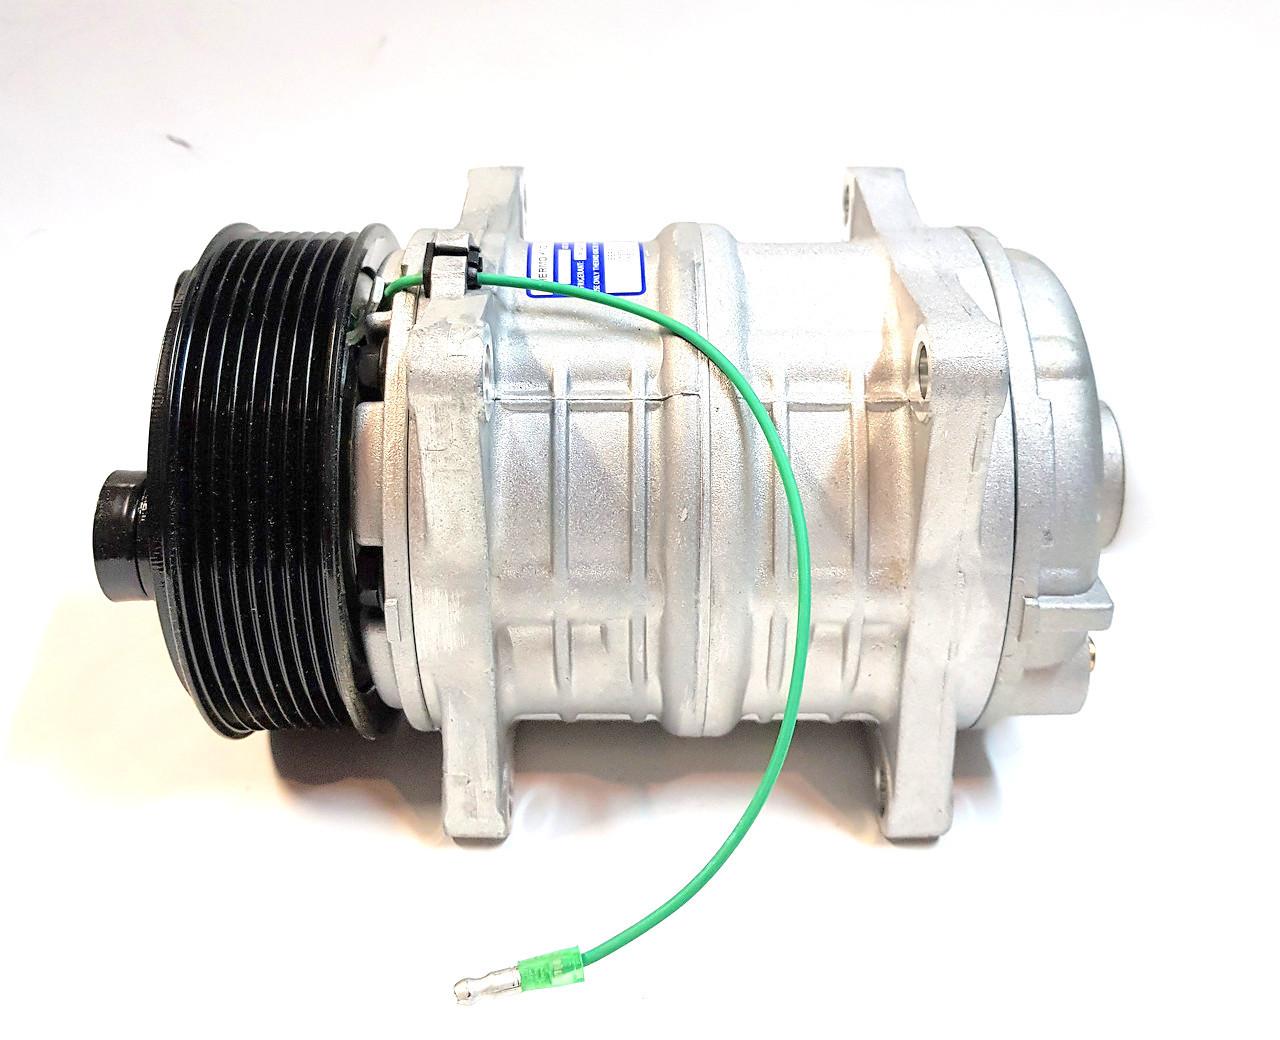 Компрессор TM-15 (QP 15) 24VDC PV8 119DIA Thermo King; 1021121